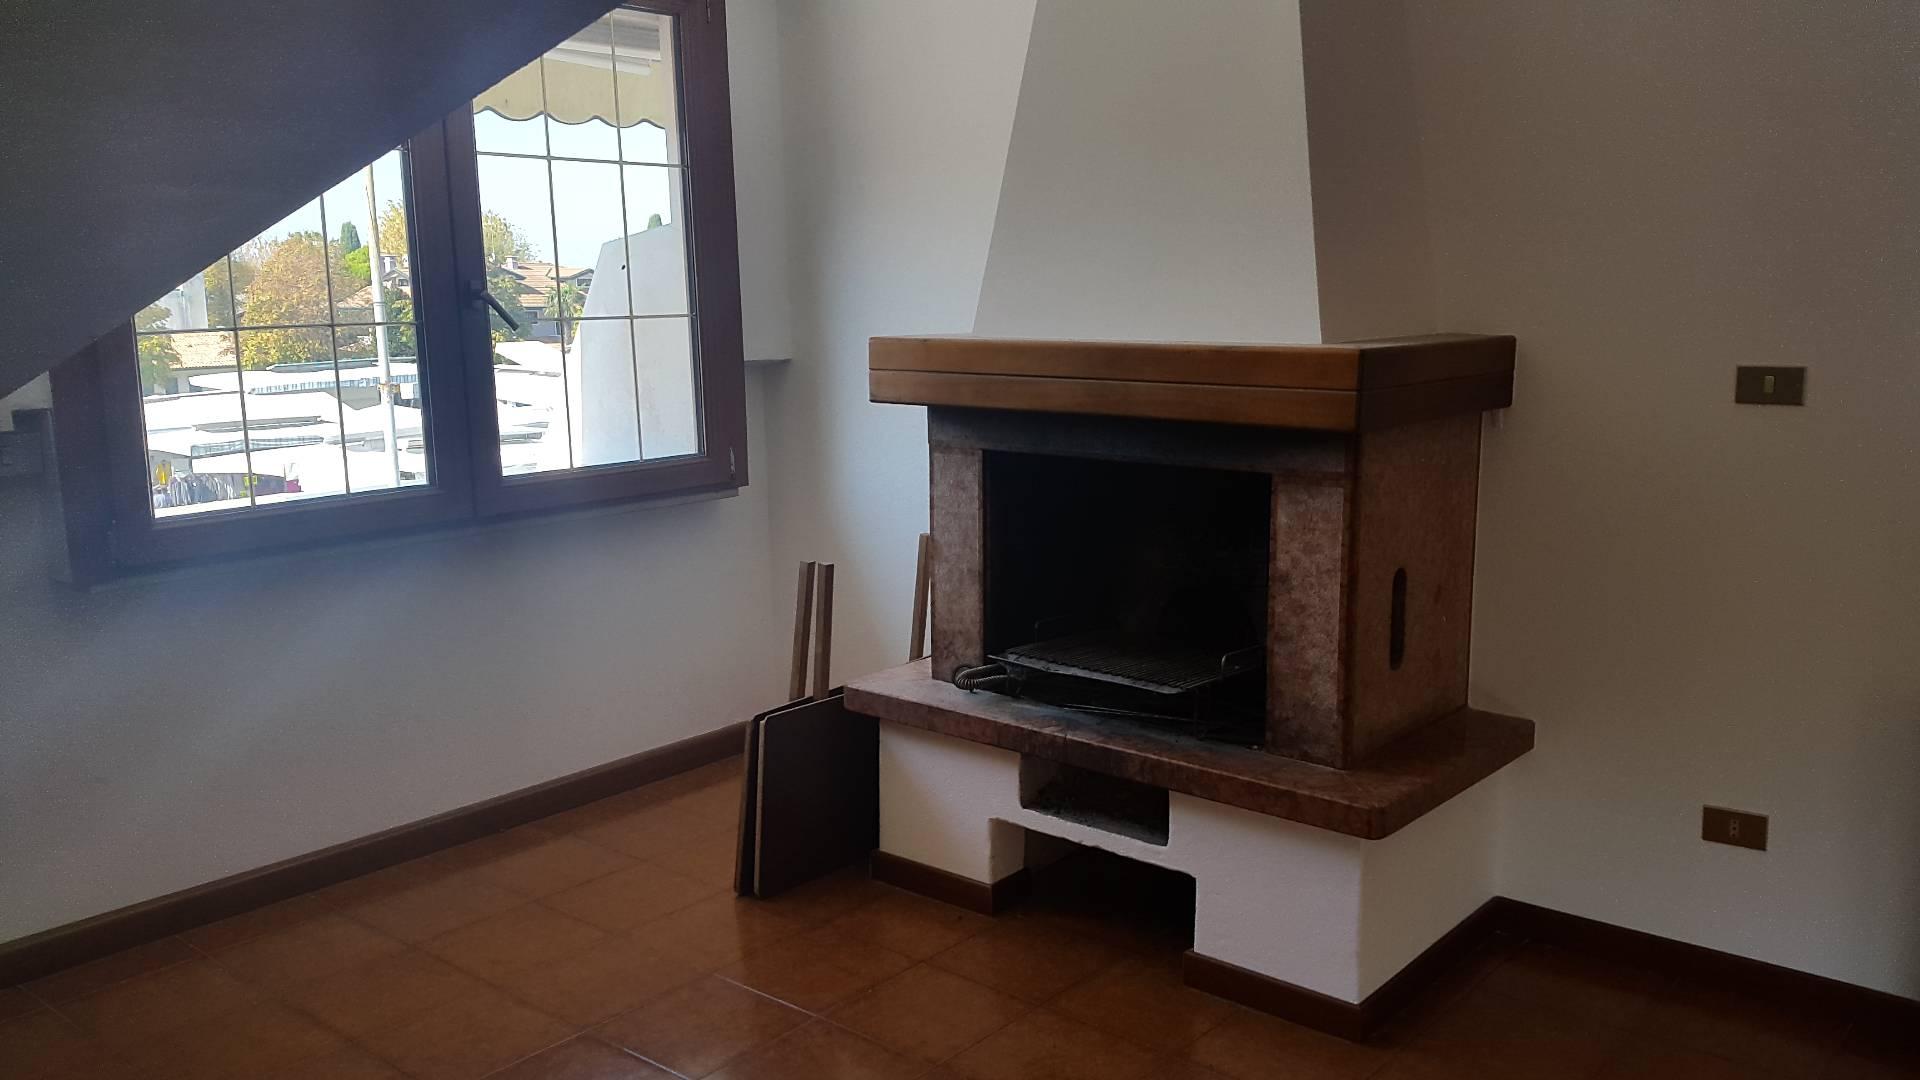 Attico / Mansarda in vendita a Jesolo, 3 locali, zona Località: Paese, prezzo € 135.000 | Cambio Casa.it